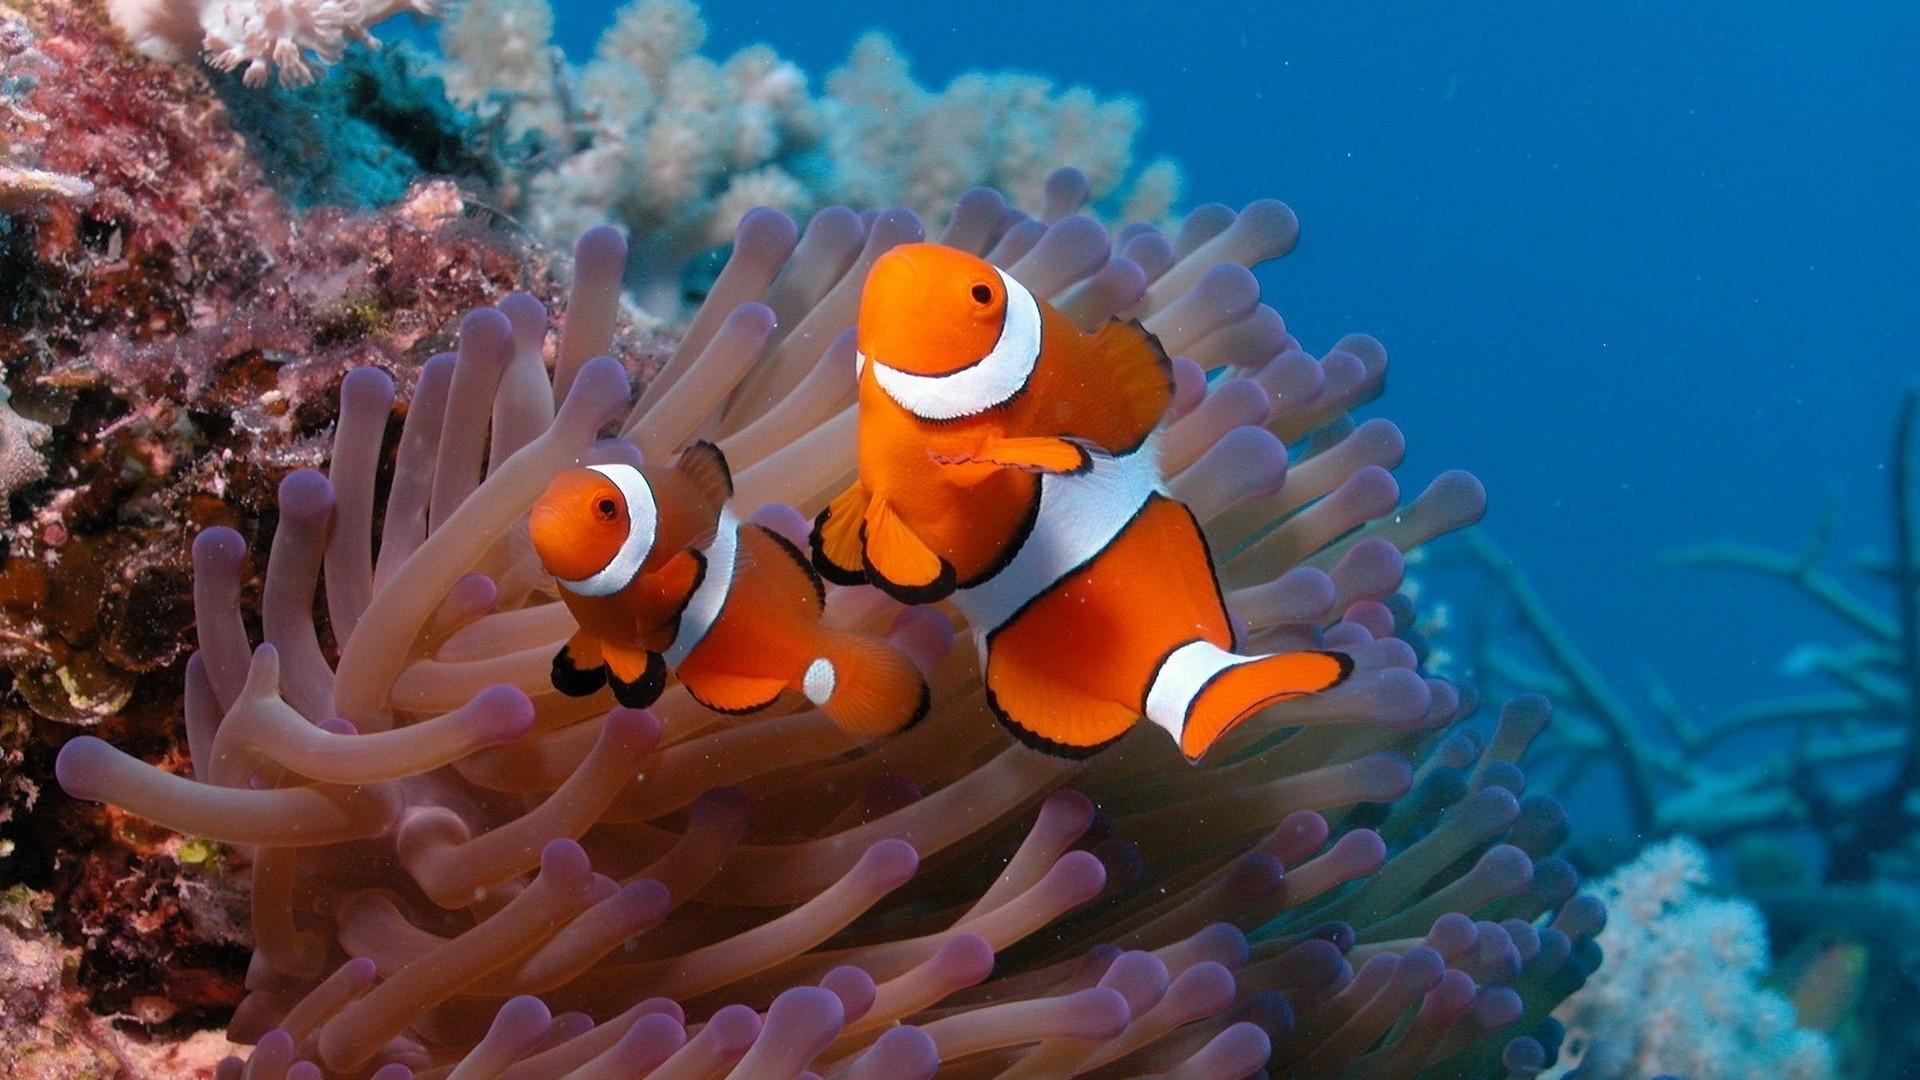 可爱海底世界高清电脑桌面